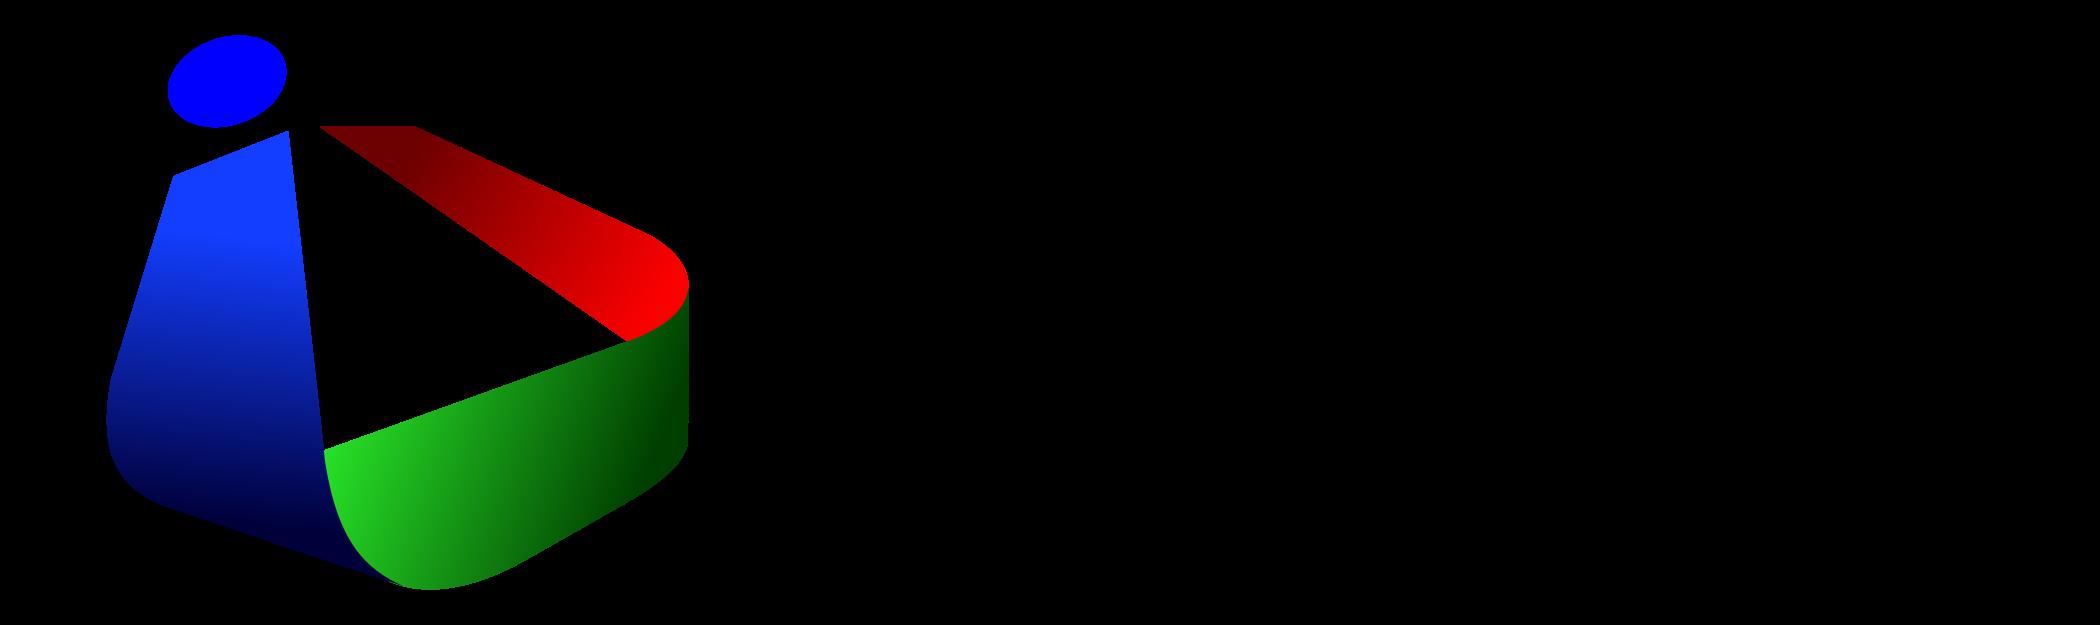 Итерис